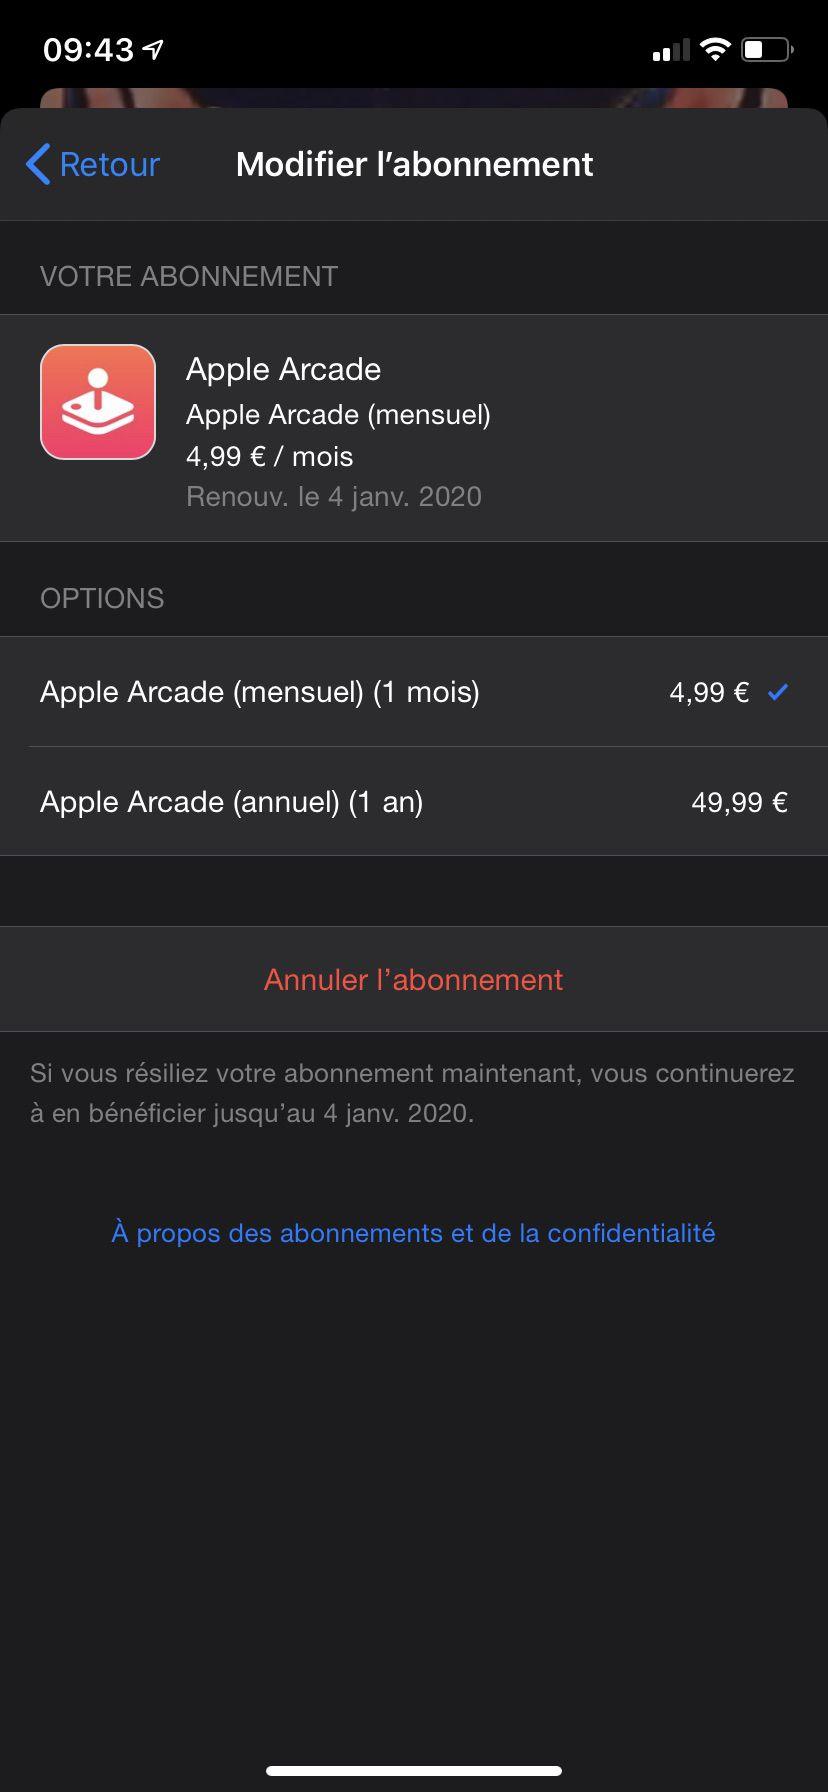 L'abonnement mensuel d'Apple Arcade